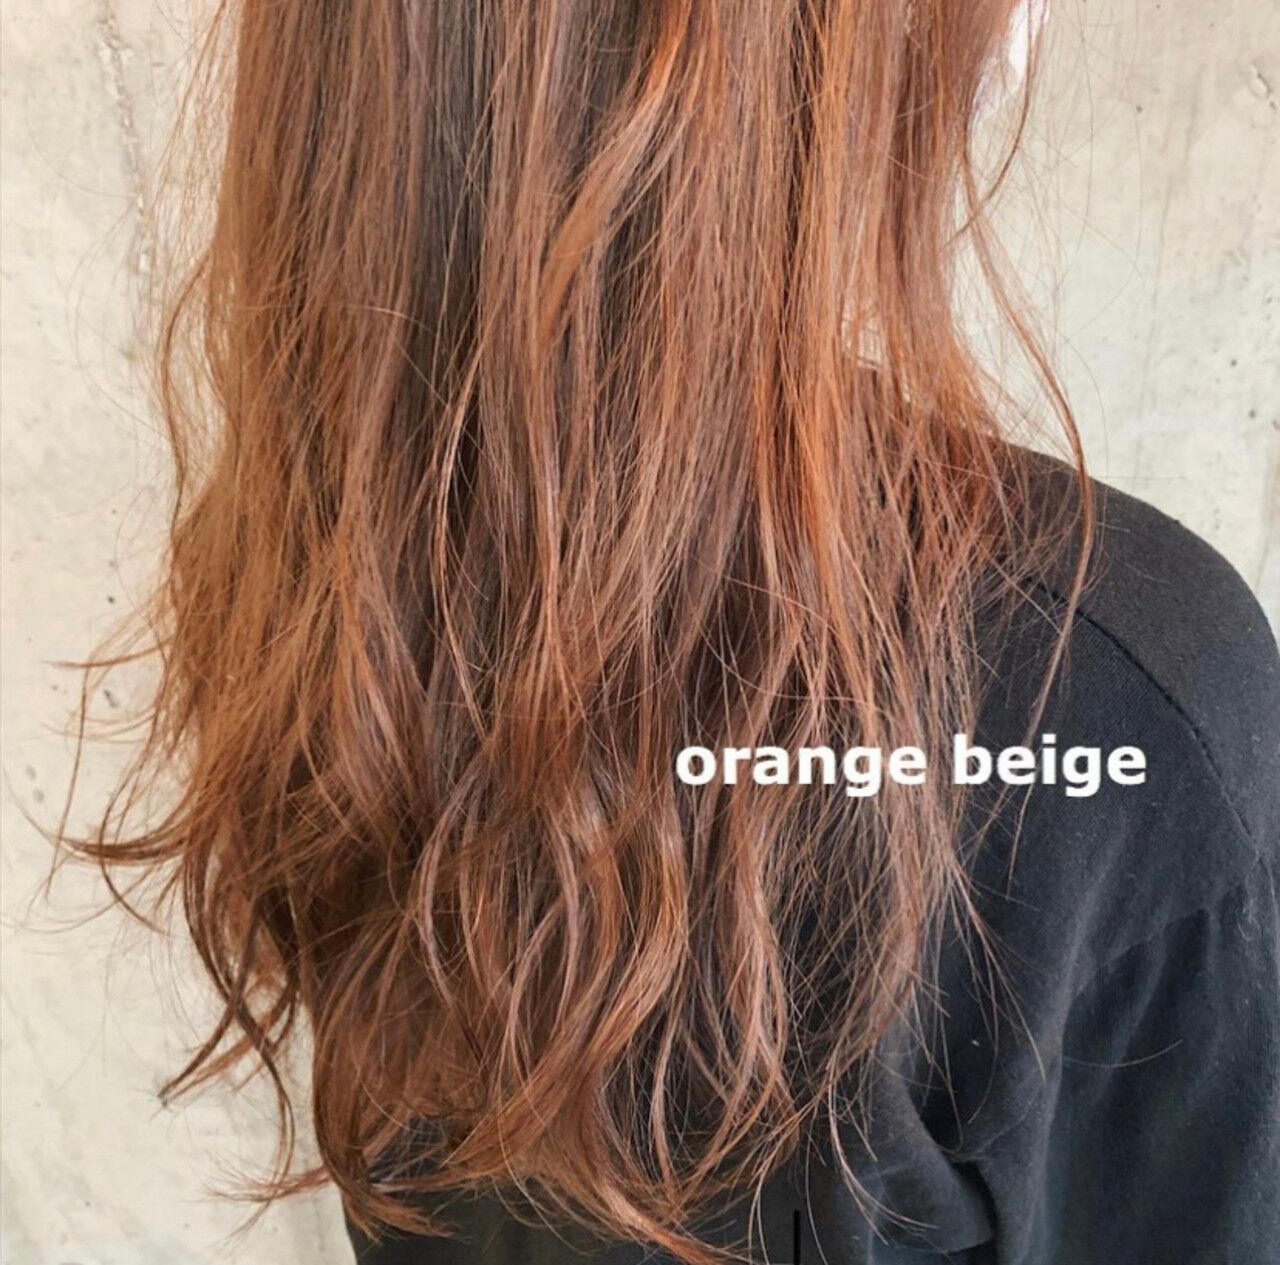 ブリーチカラー ロング ナチュラル オレンジベージュヘアスタイルや髪型の写真・画像